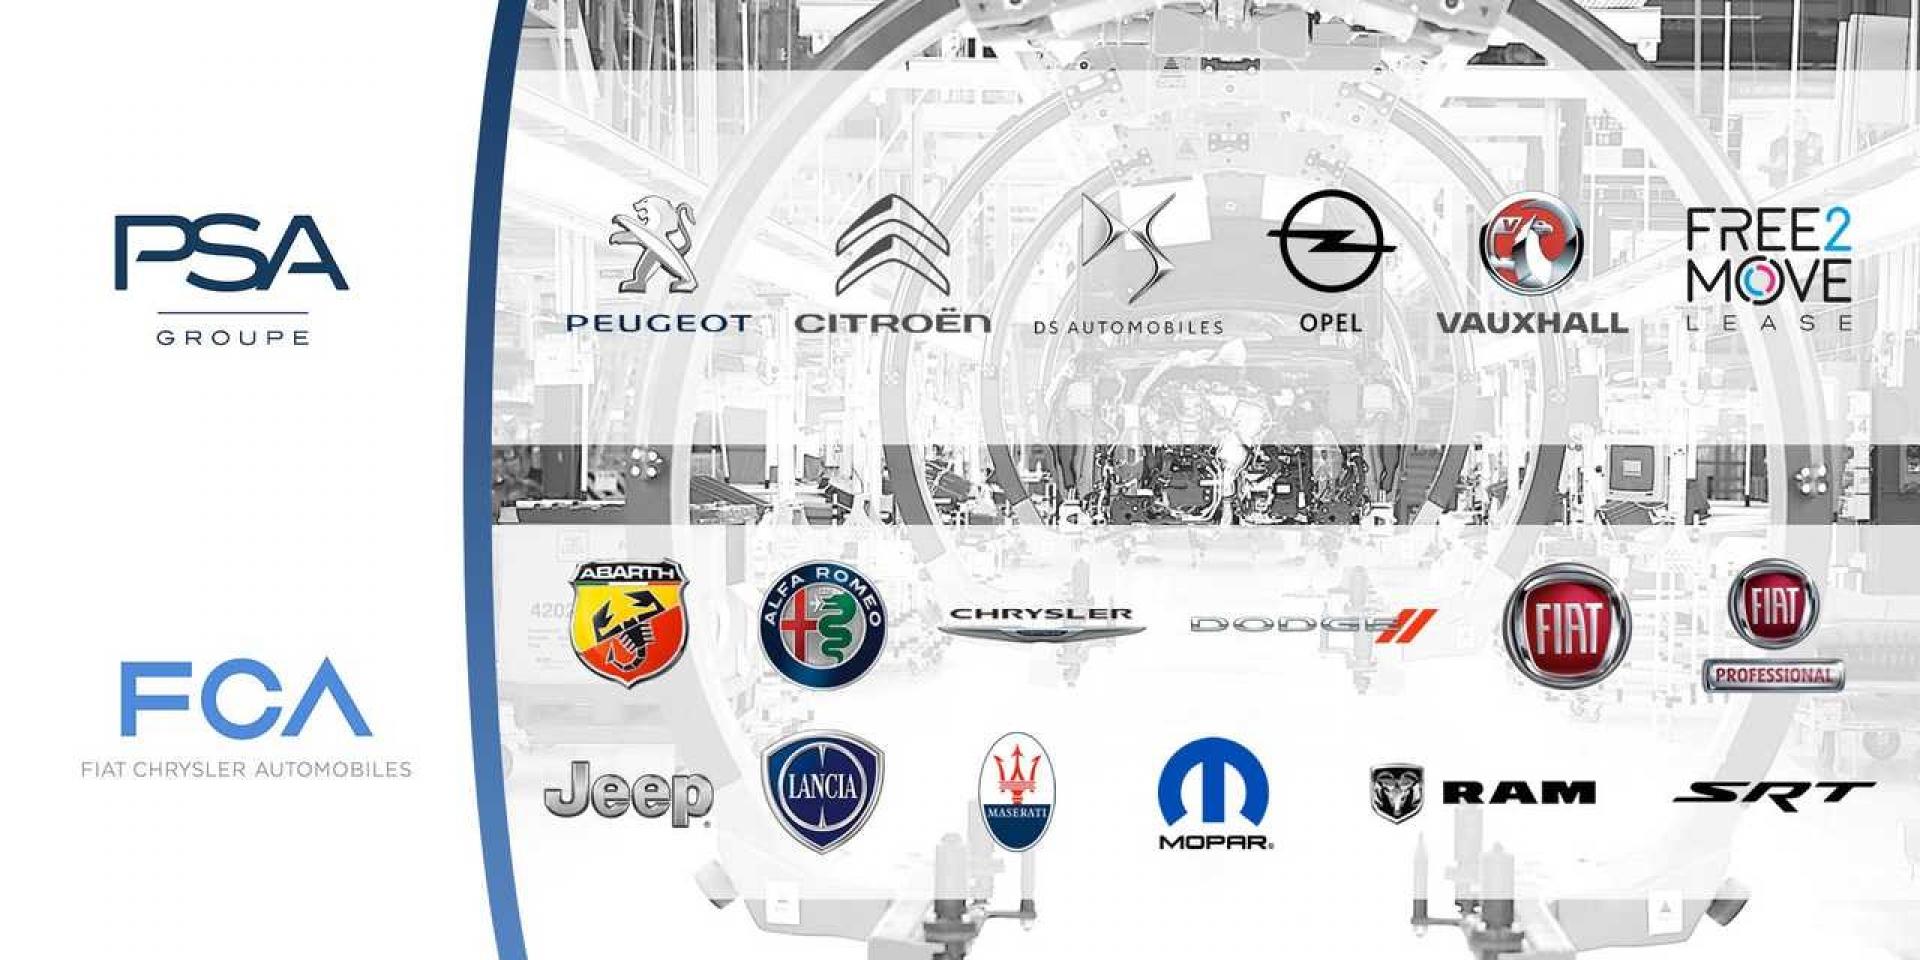 PSA-FCA合併後 13個品牌將全數保留!